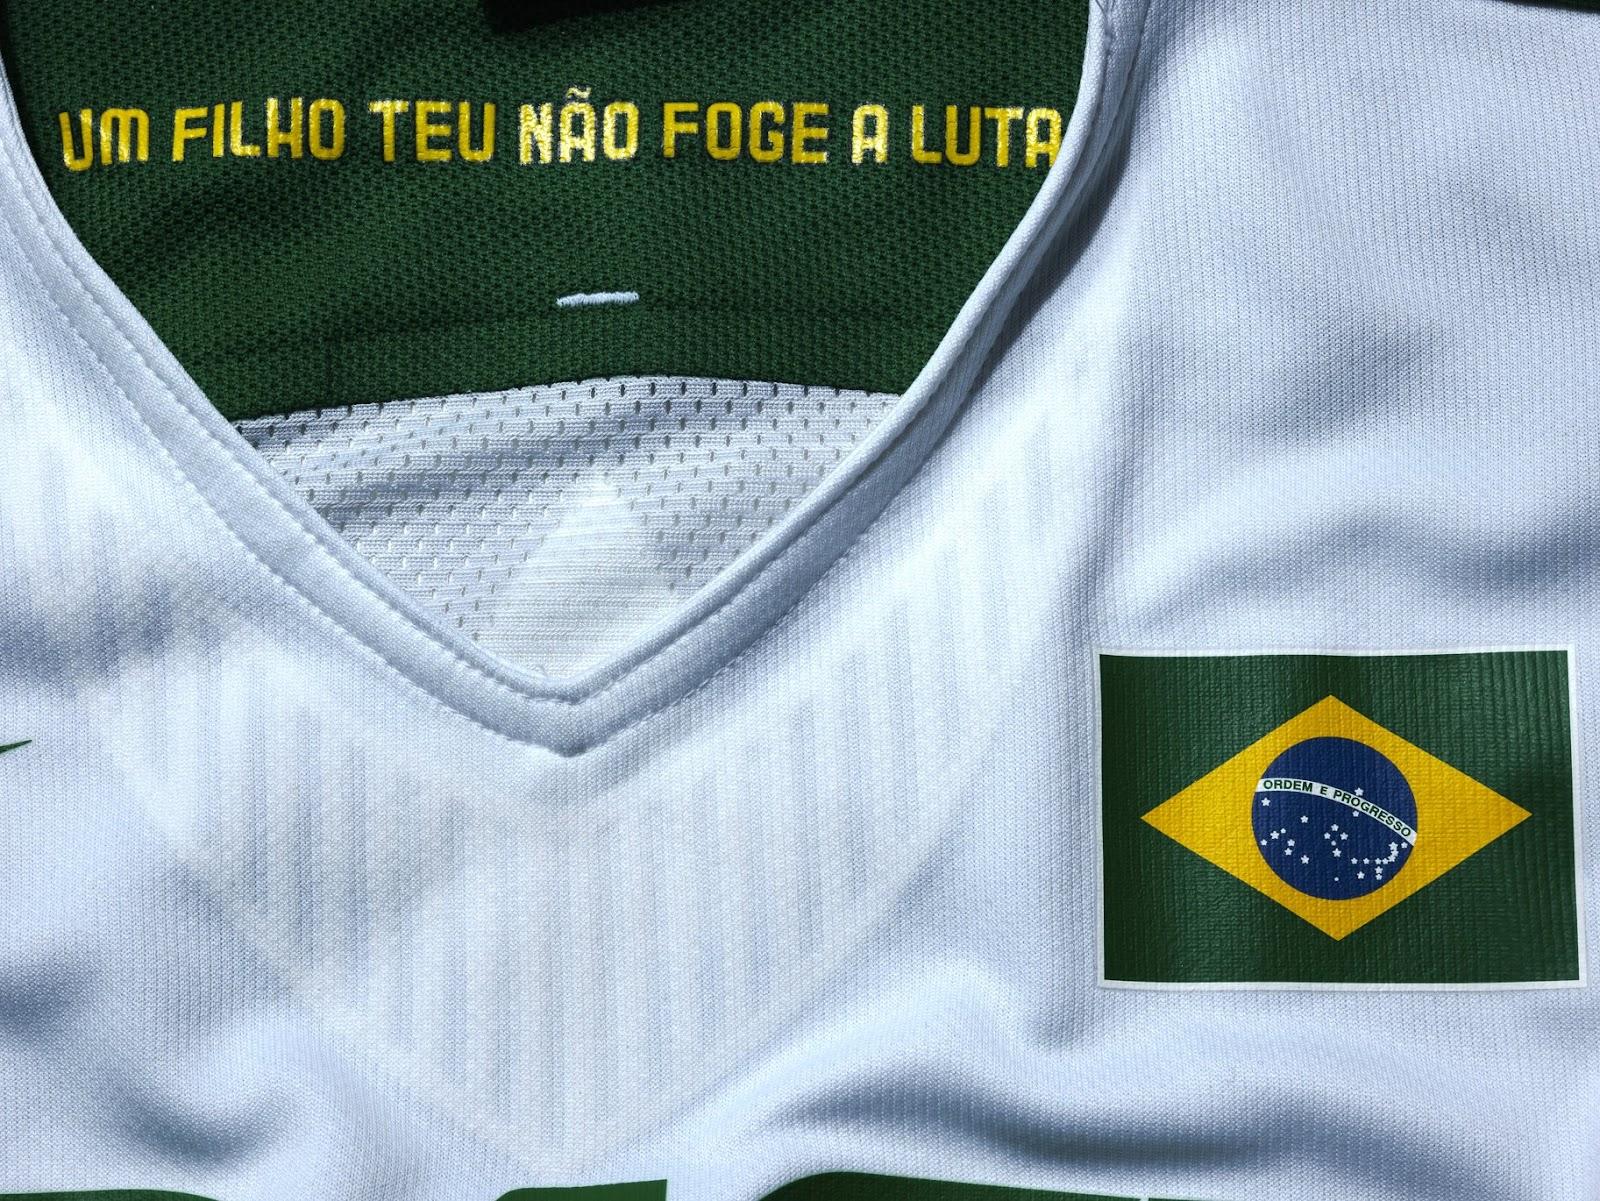 Basquete brasileiro veste Nike na Olimpíada de Londres 2012 - Show de  Camisas 13199d7828da4